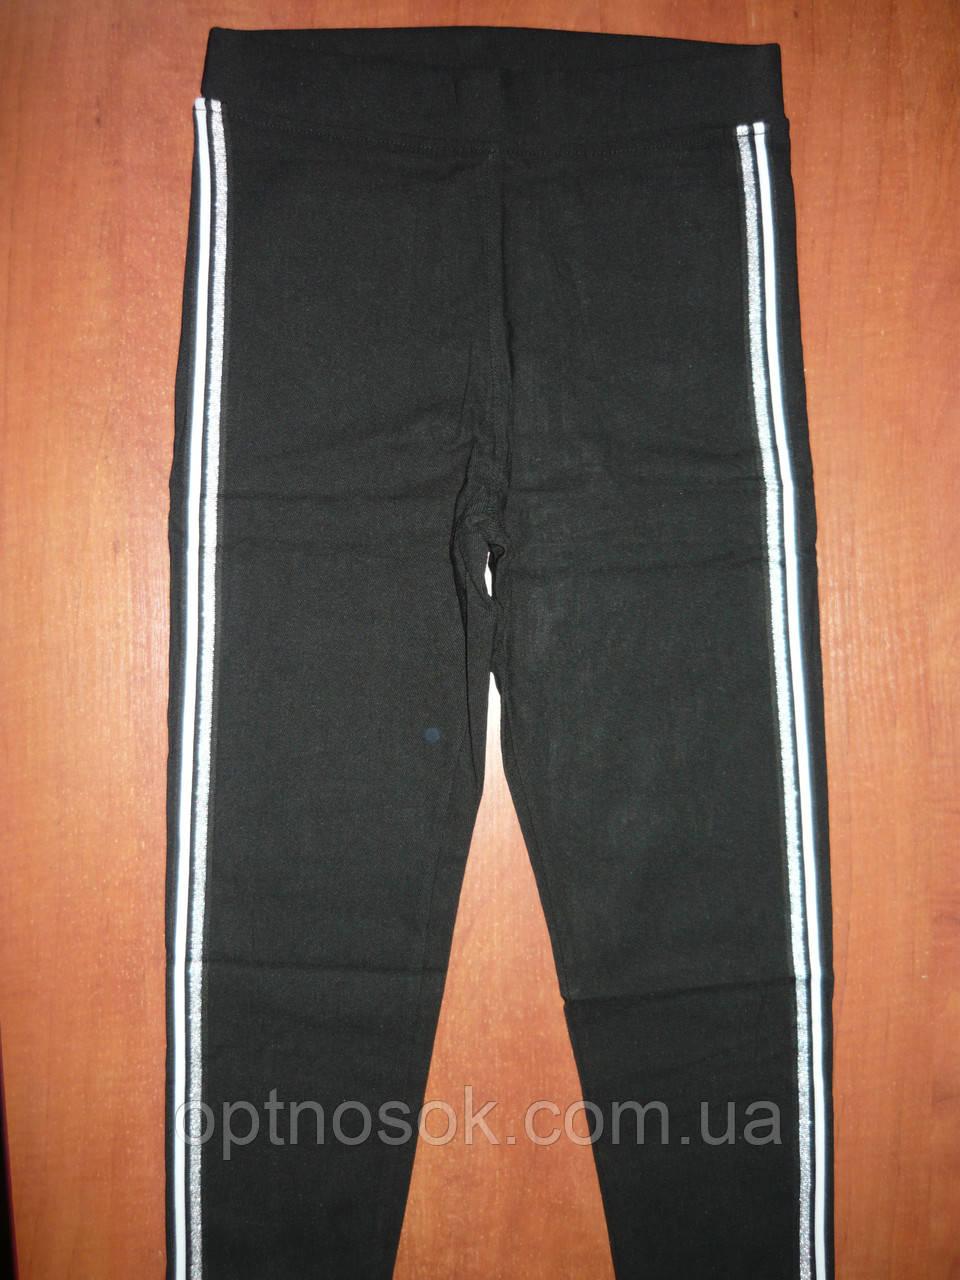 """Штаны женские джинсовые """"Ласточка"""". р. 2XL. Черные."""